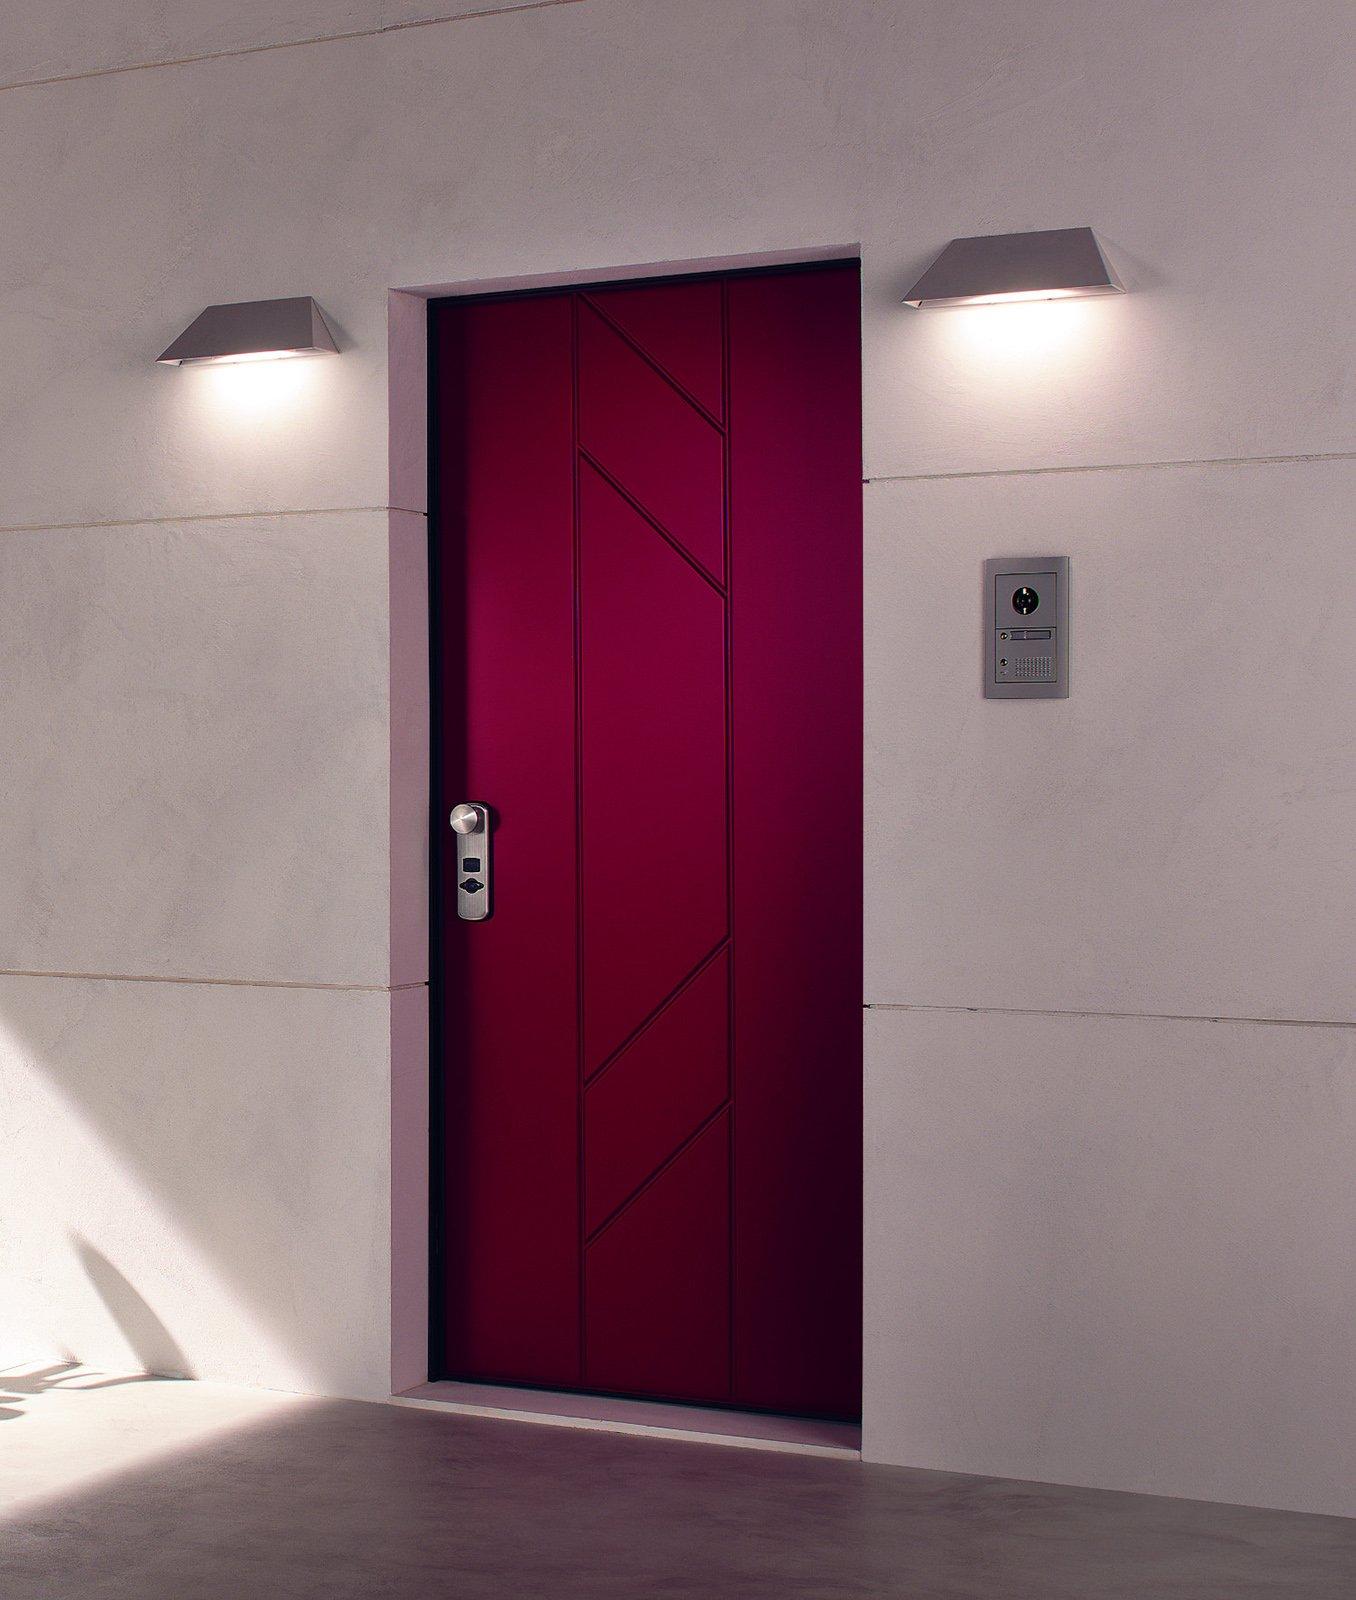 Porte e finestre di sicurezza casa protetta anche durante - Porte per la casa ...